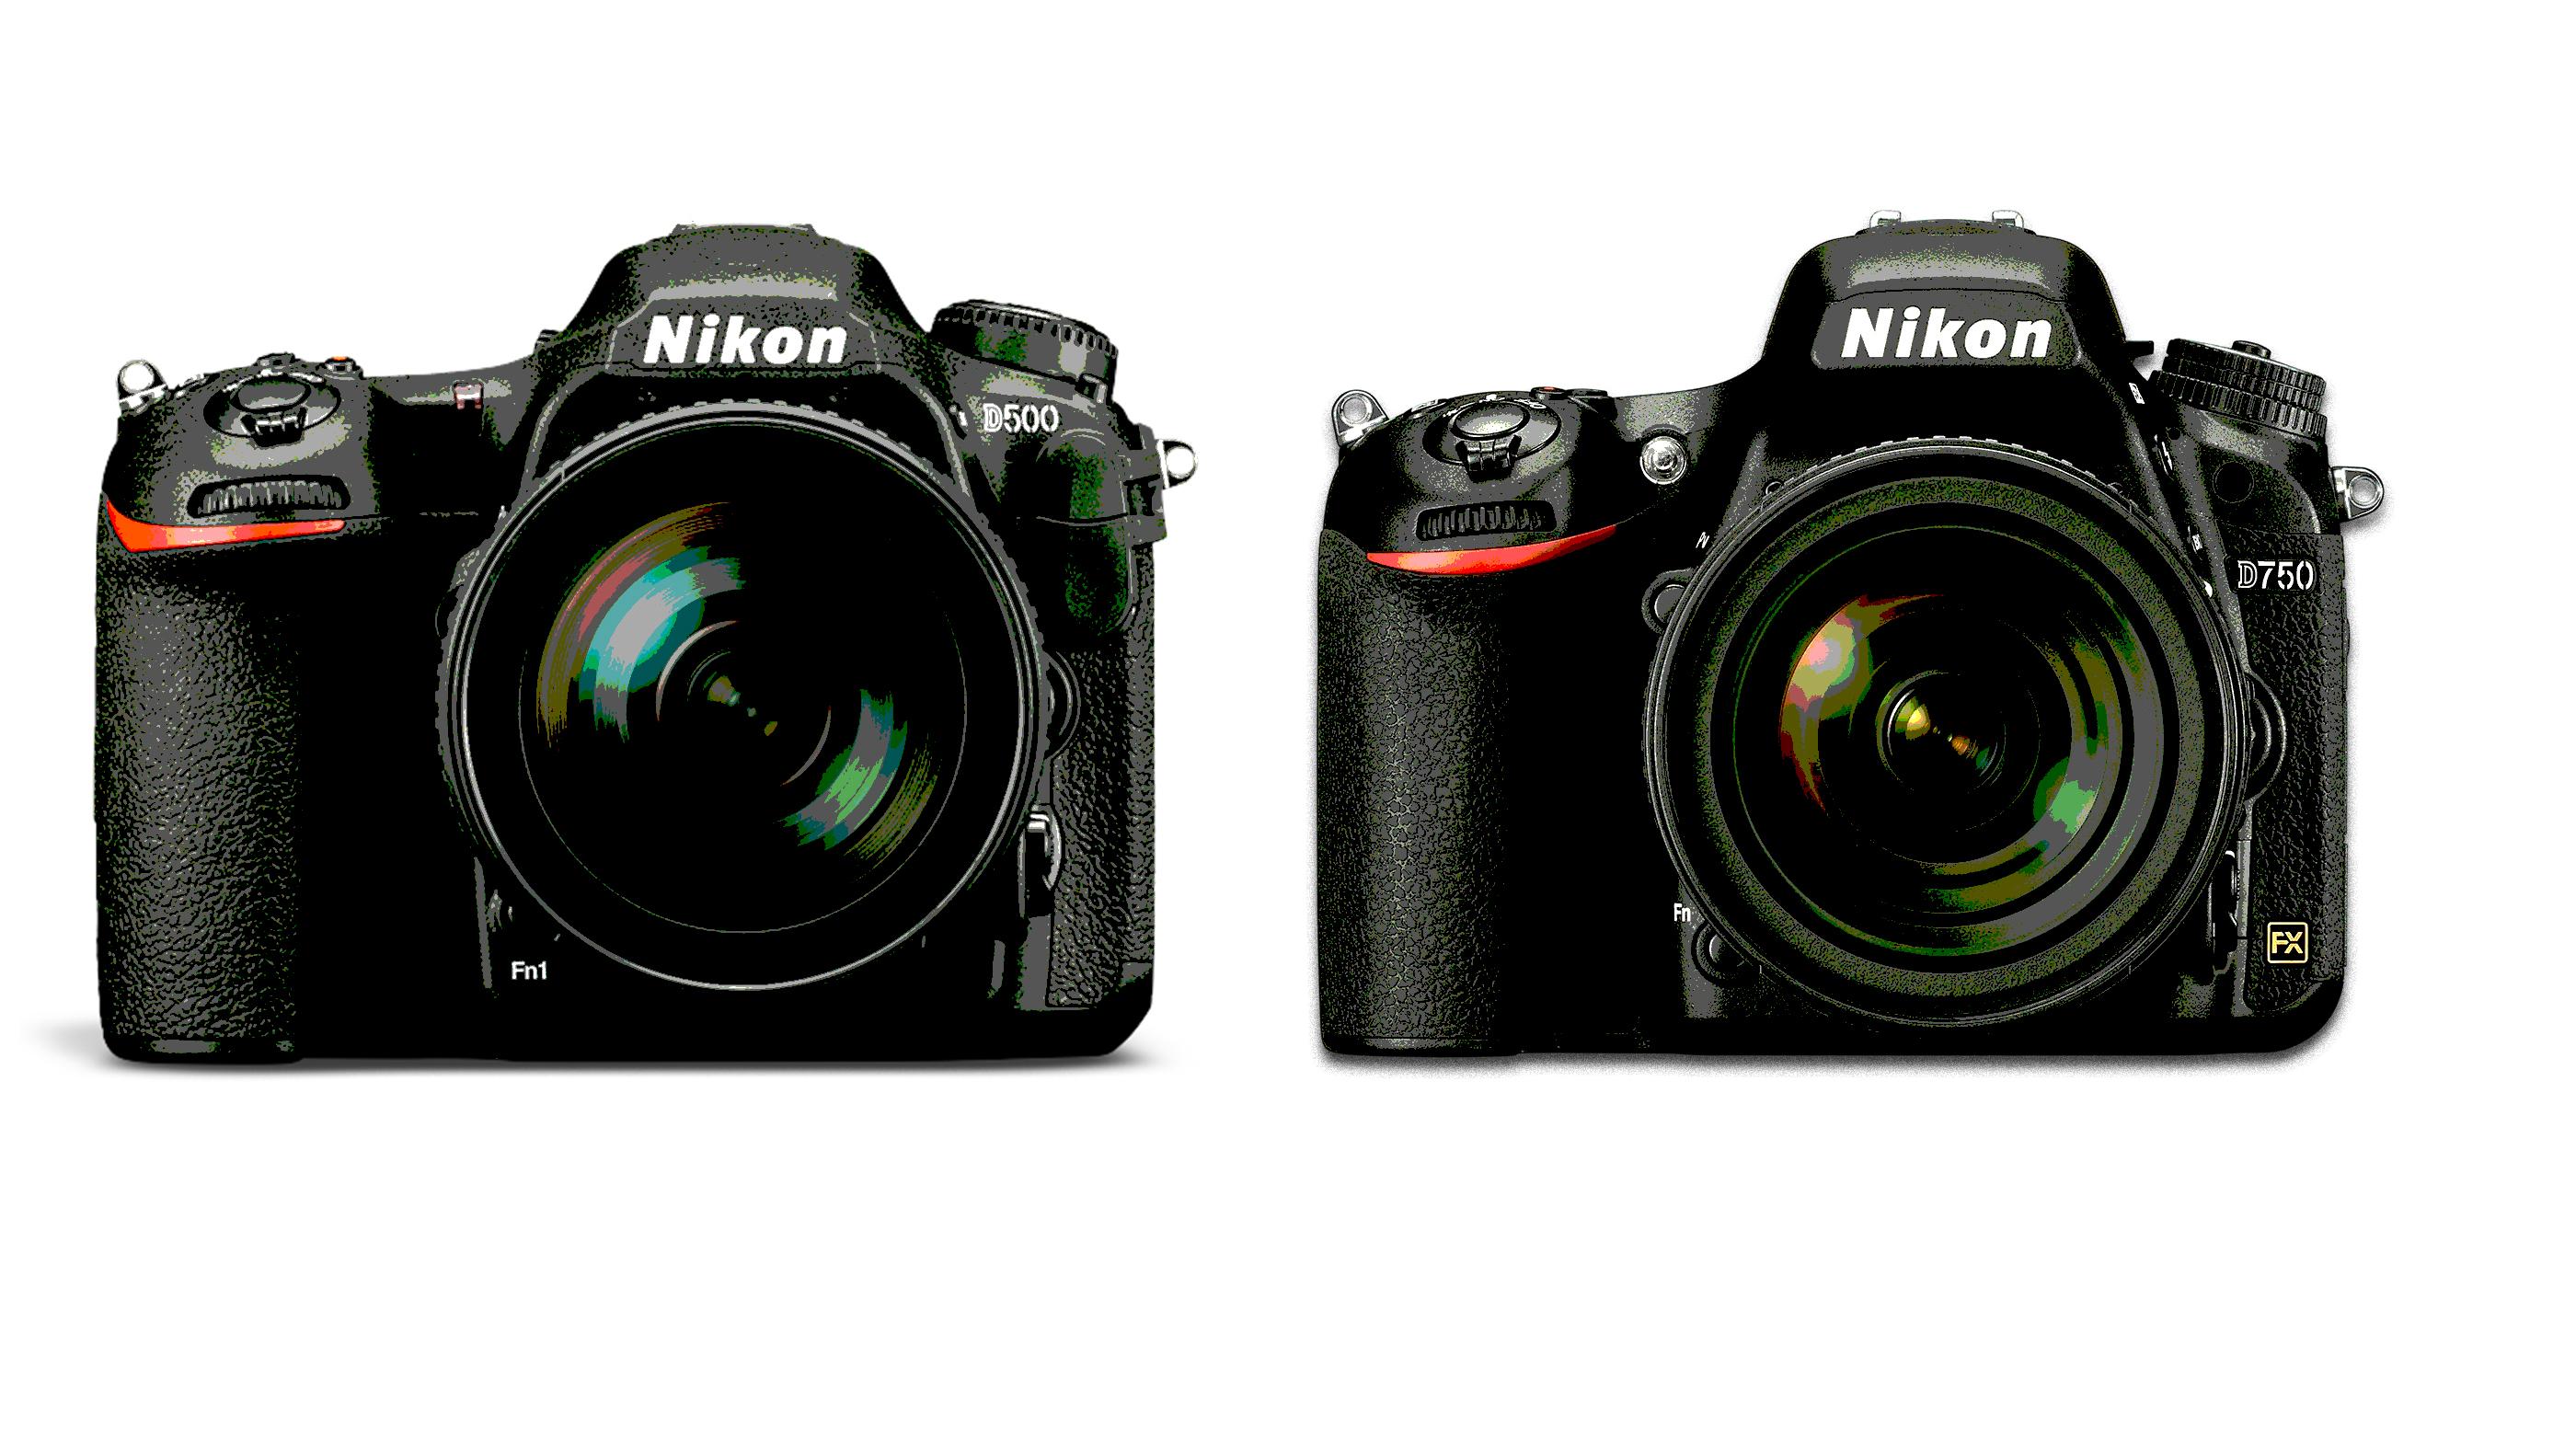 Nikon D500 vs Nikon D750